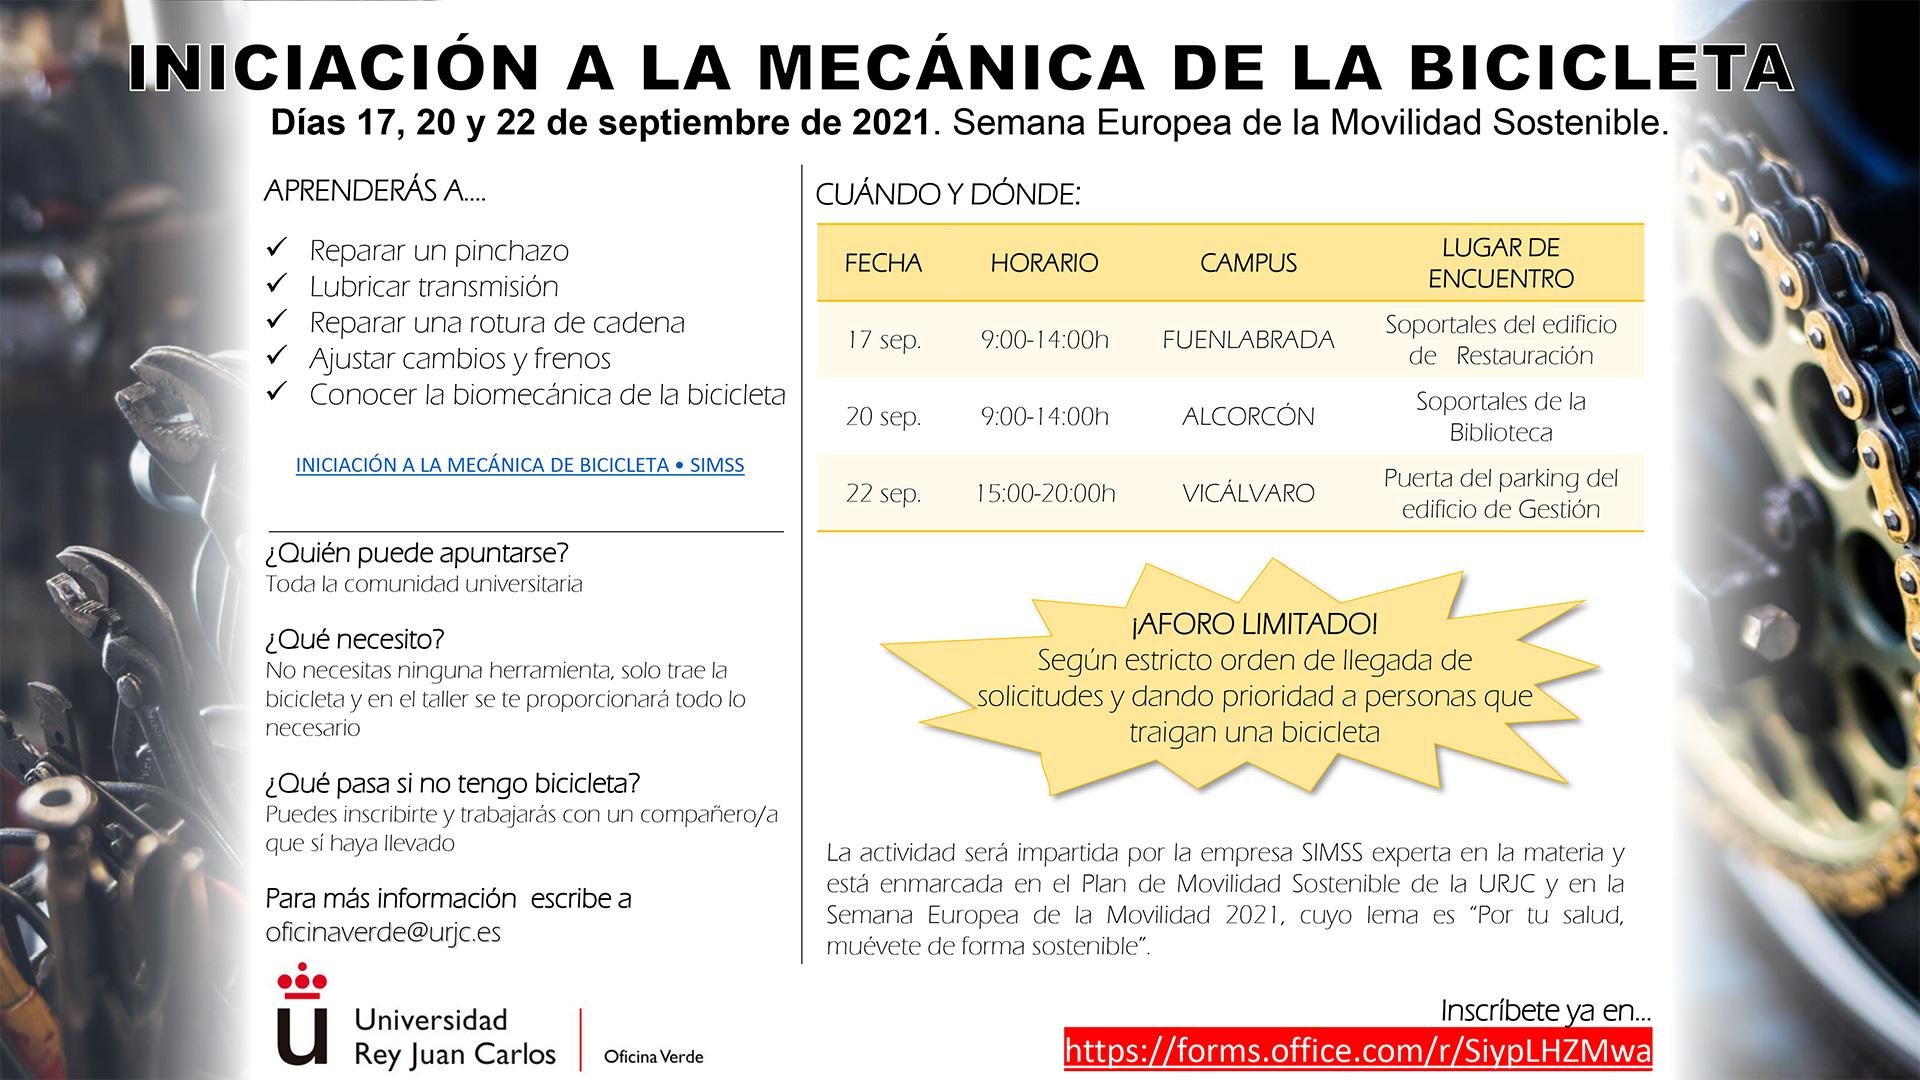 INICIACIÓN A LA MECÁNICA DE LA BICICLETA